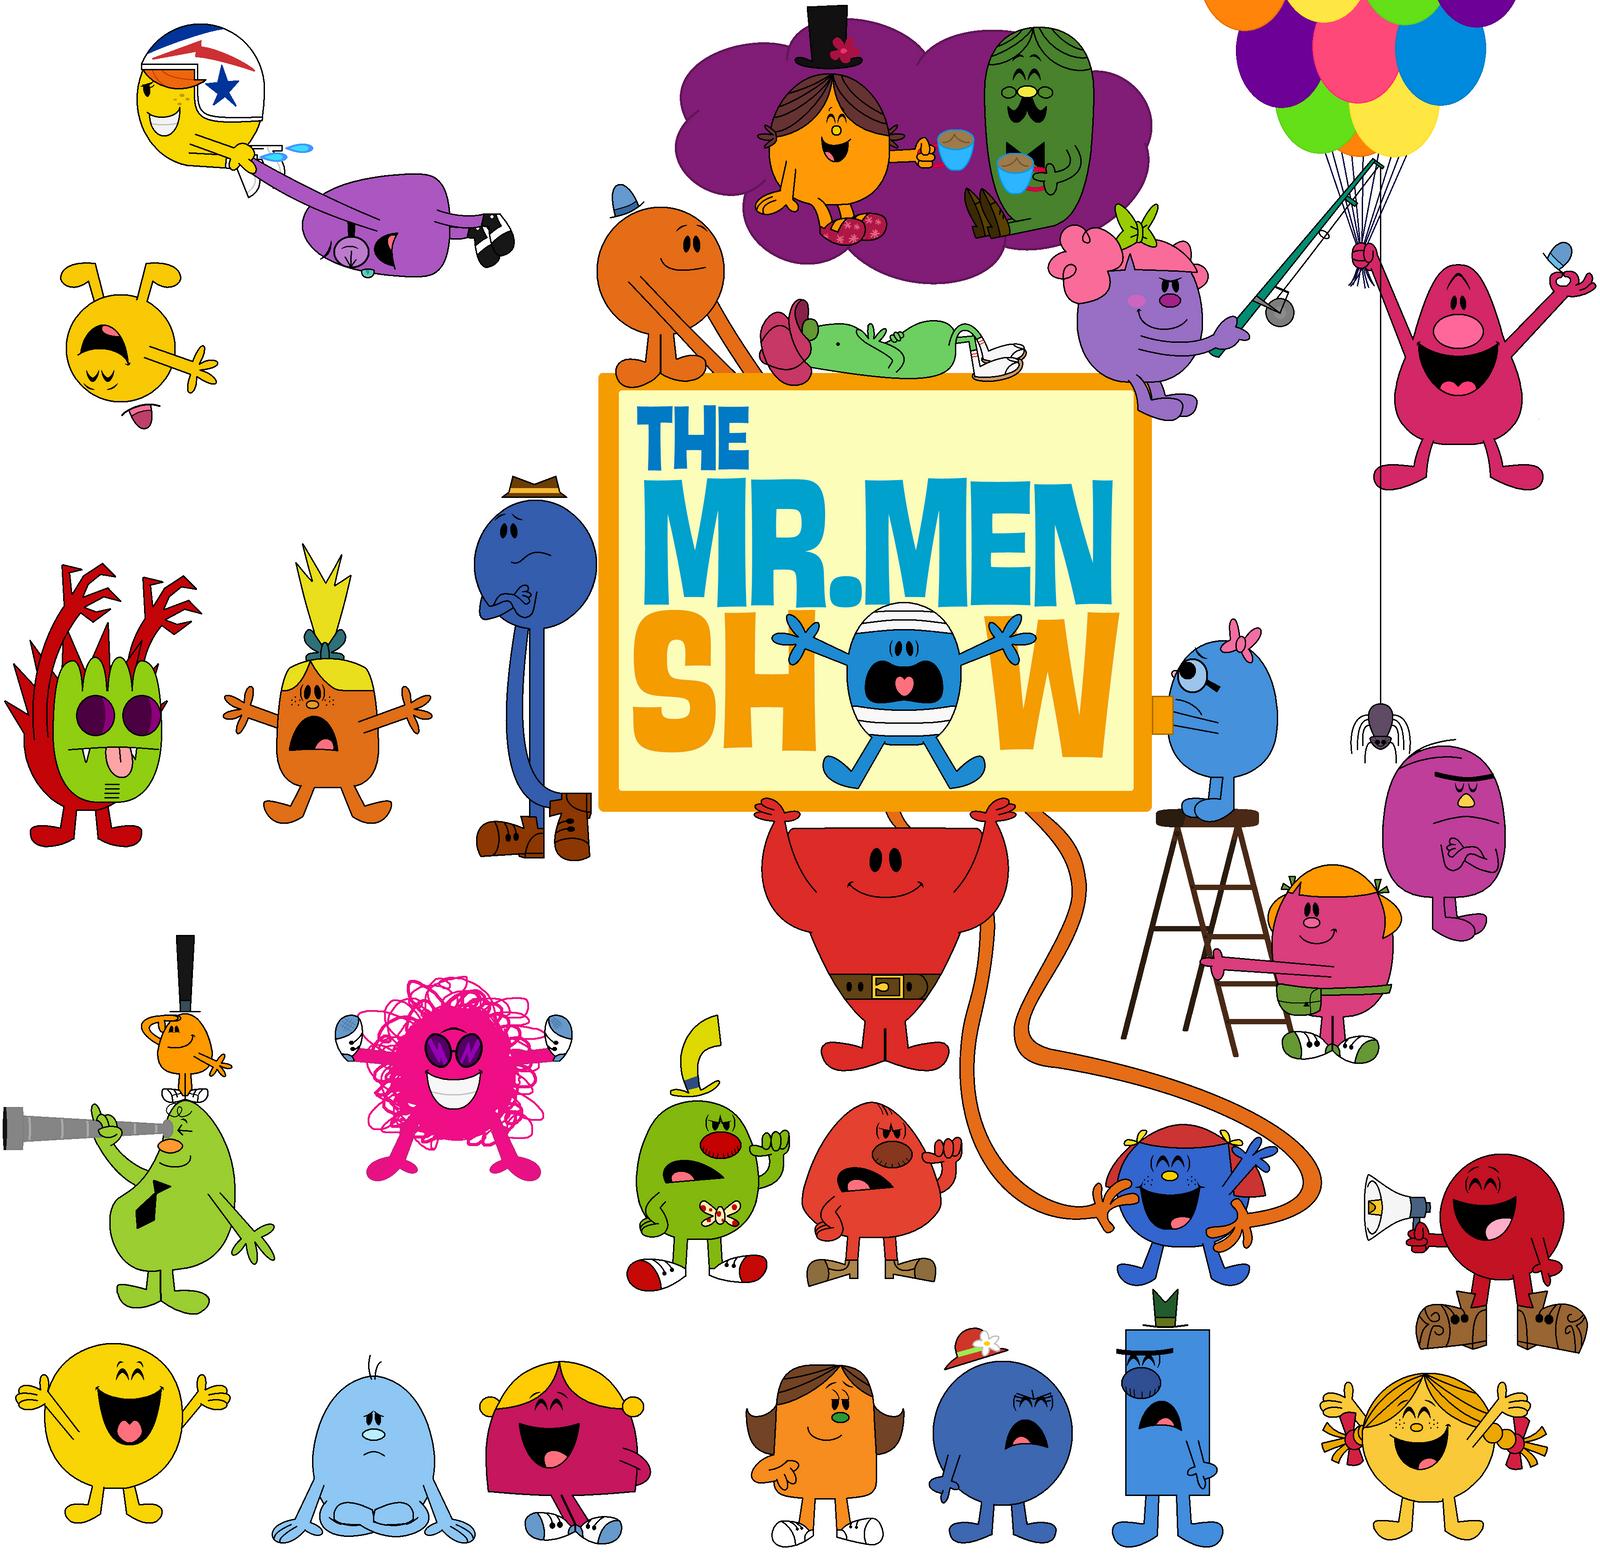 The Mr. Men Show by Percyfan94